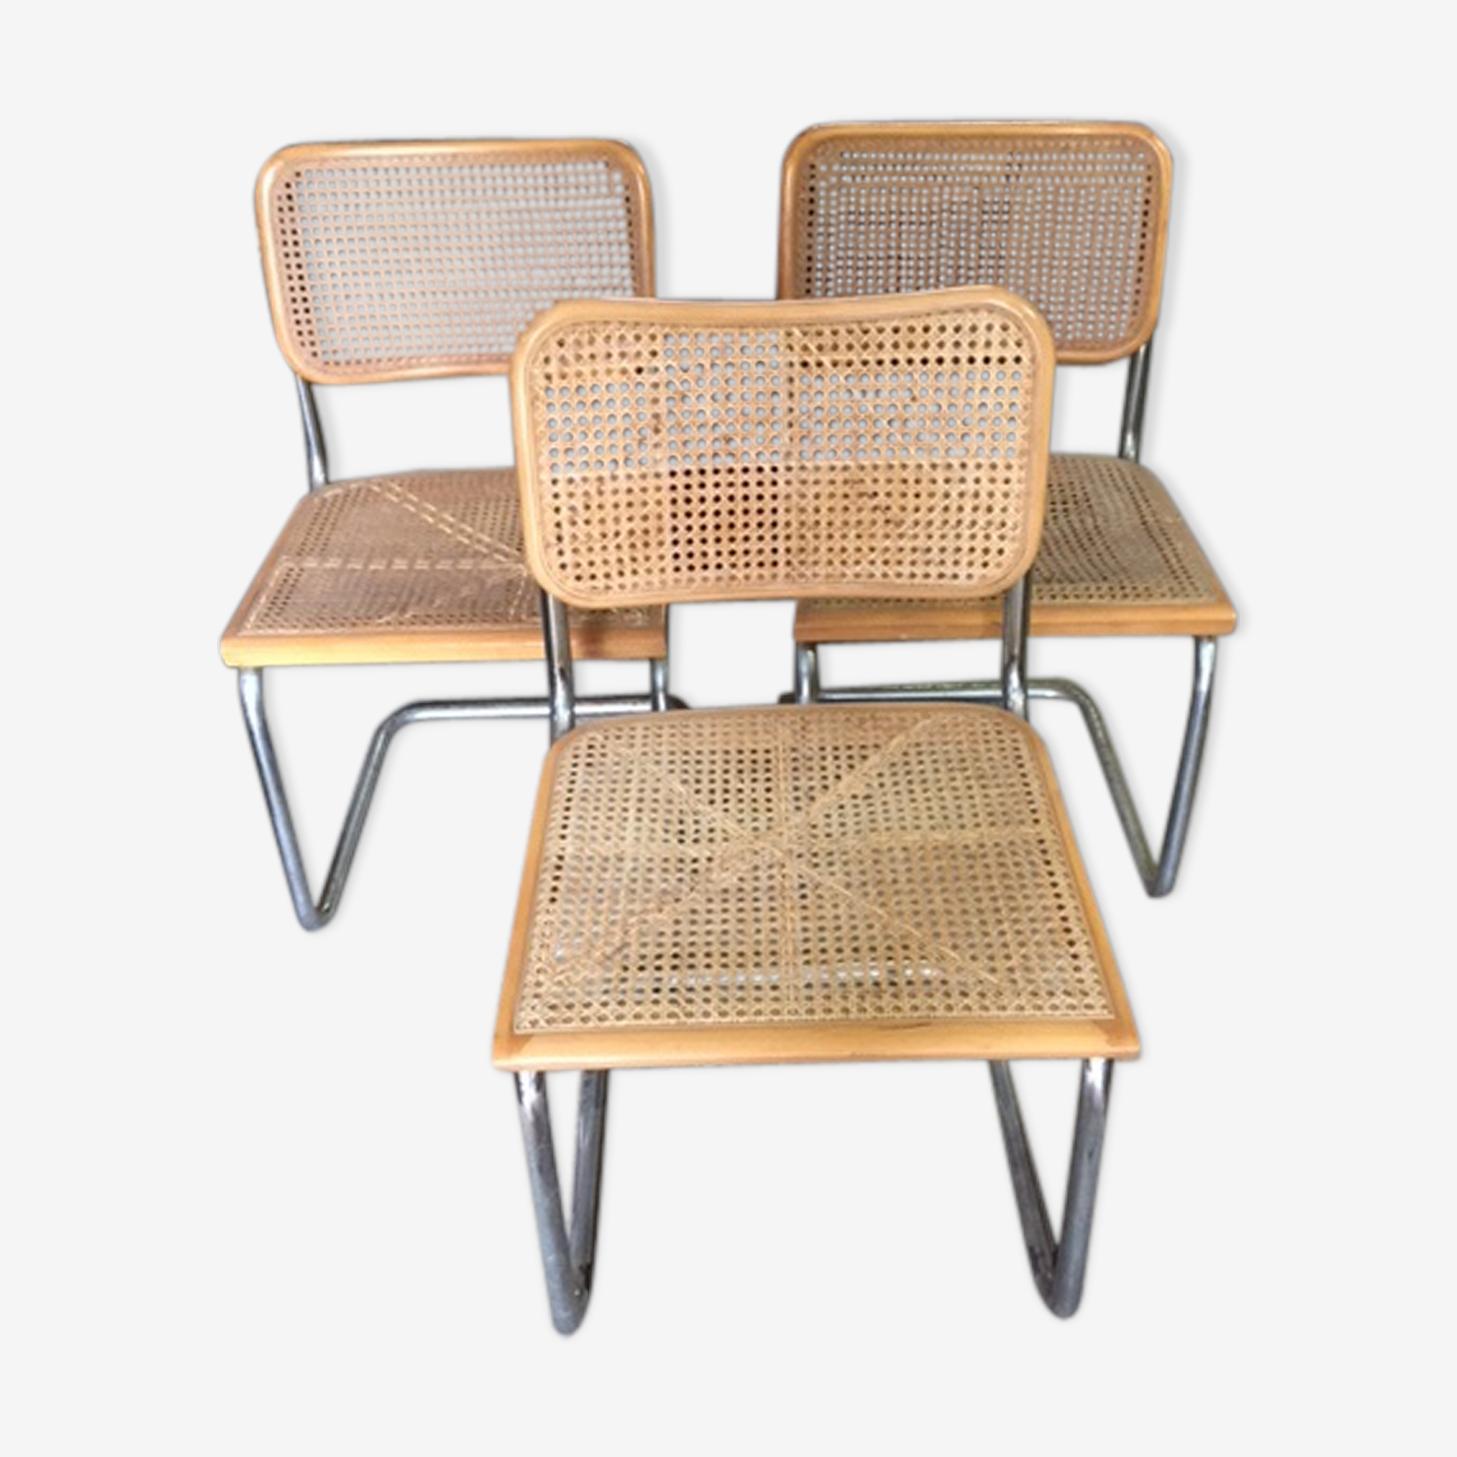 Chaises Cesca B32 par Marcel Breuer